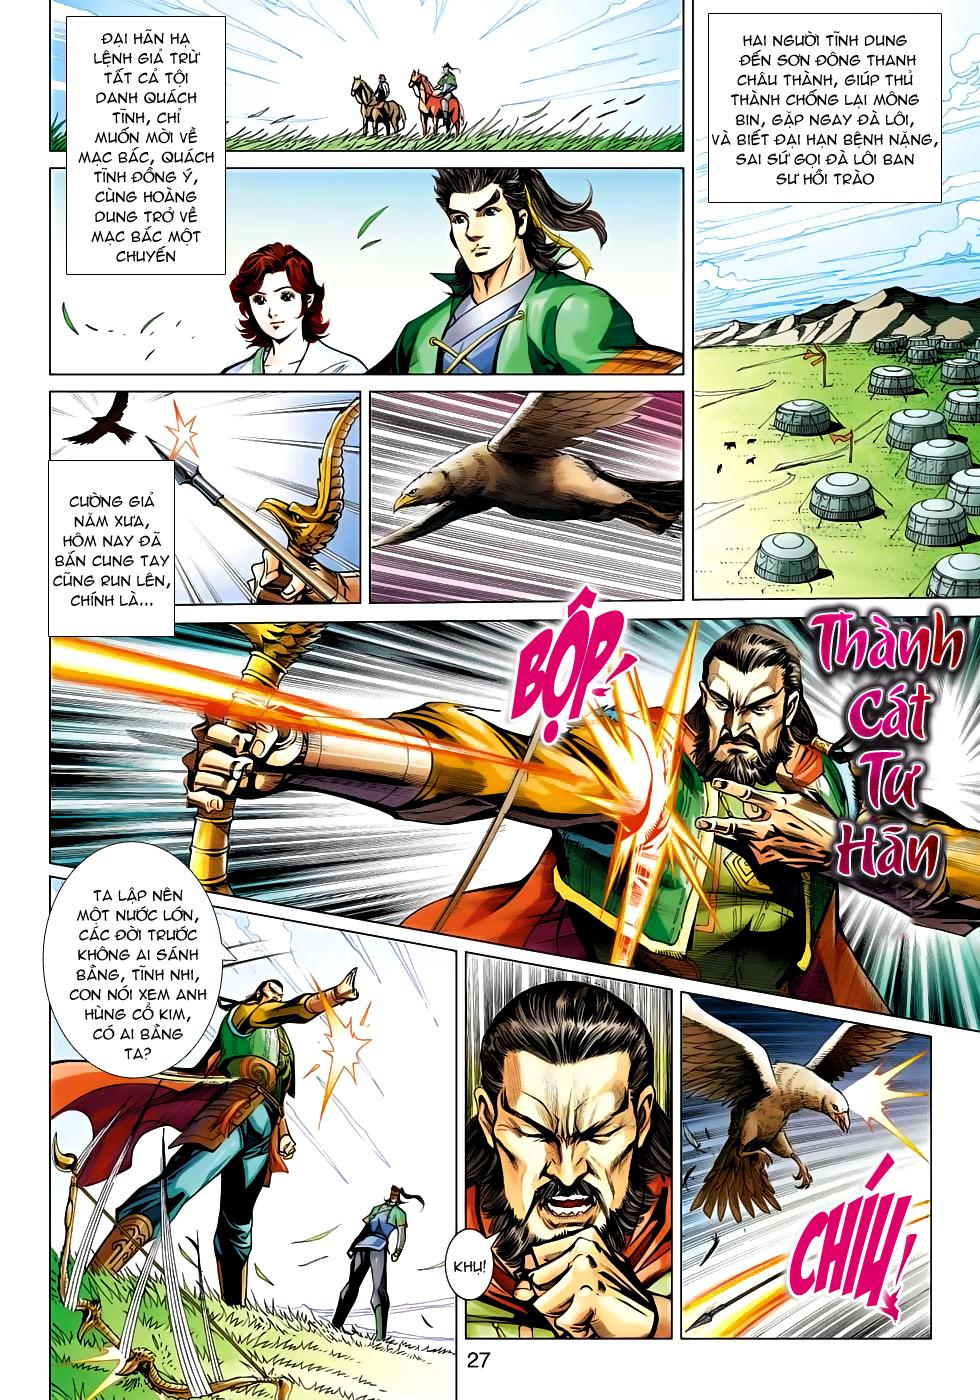 Xạ Điêu Anh Hùng Truyện chap 100 – End Trang 27 - Mangak.info